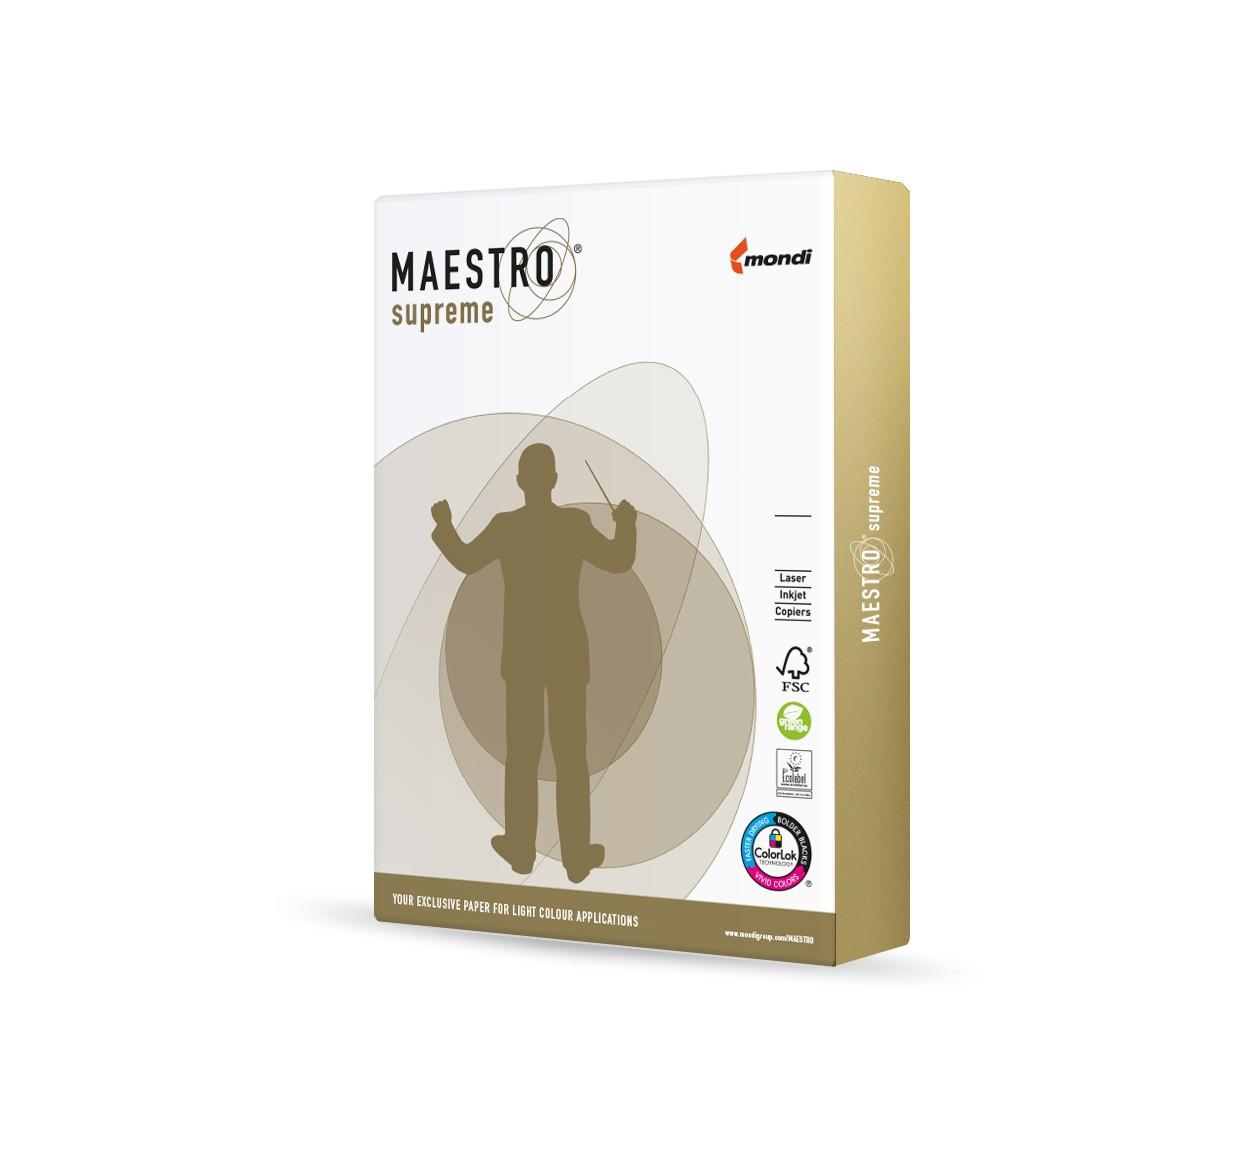 Vorschau: Maestro supreme 80g/m² DIN-A4 - 500 Blatt weiß